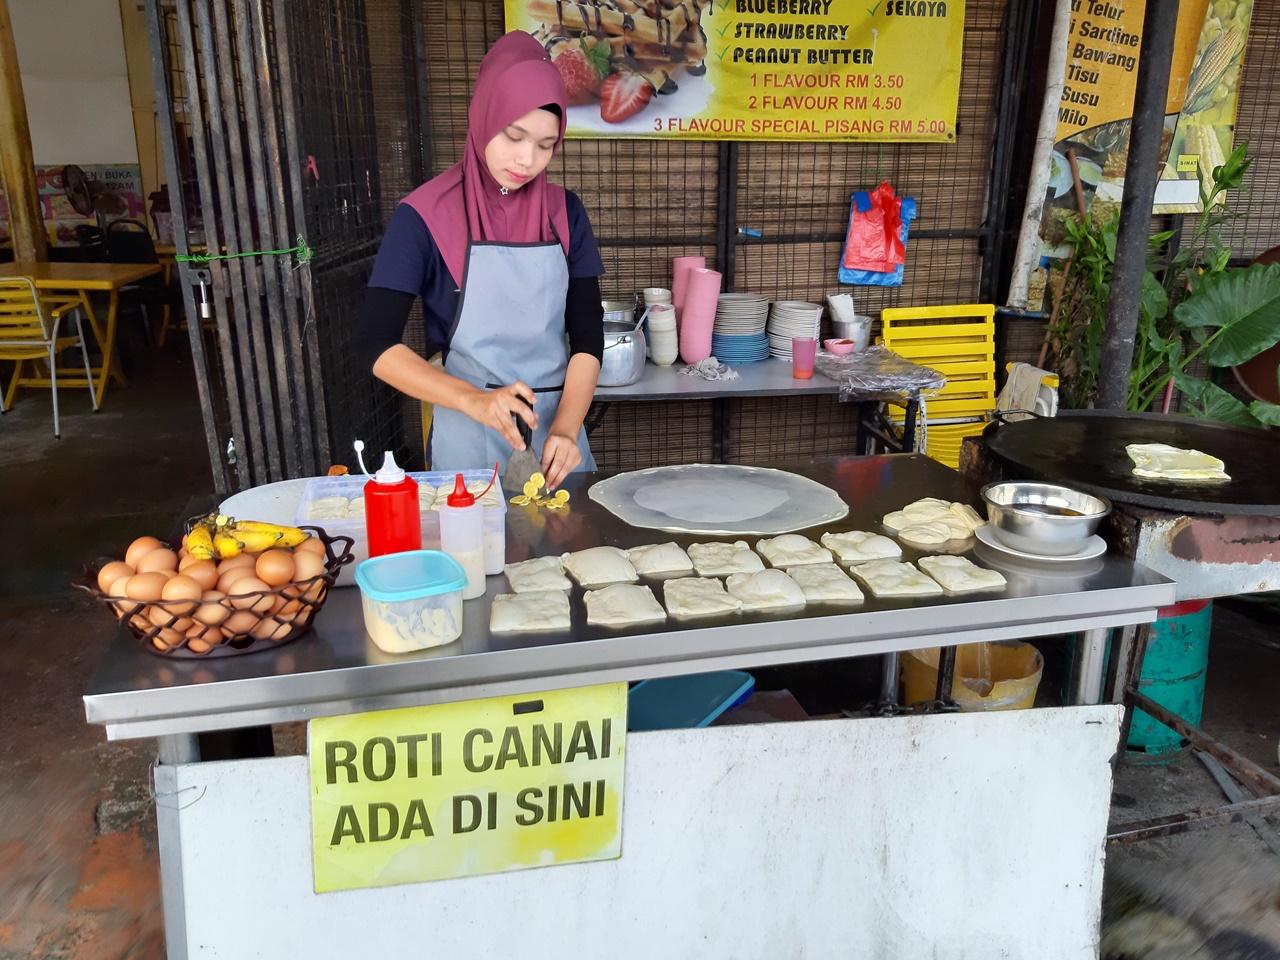 raňajky v príprave - roti canai